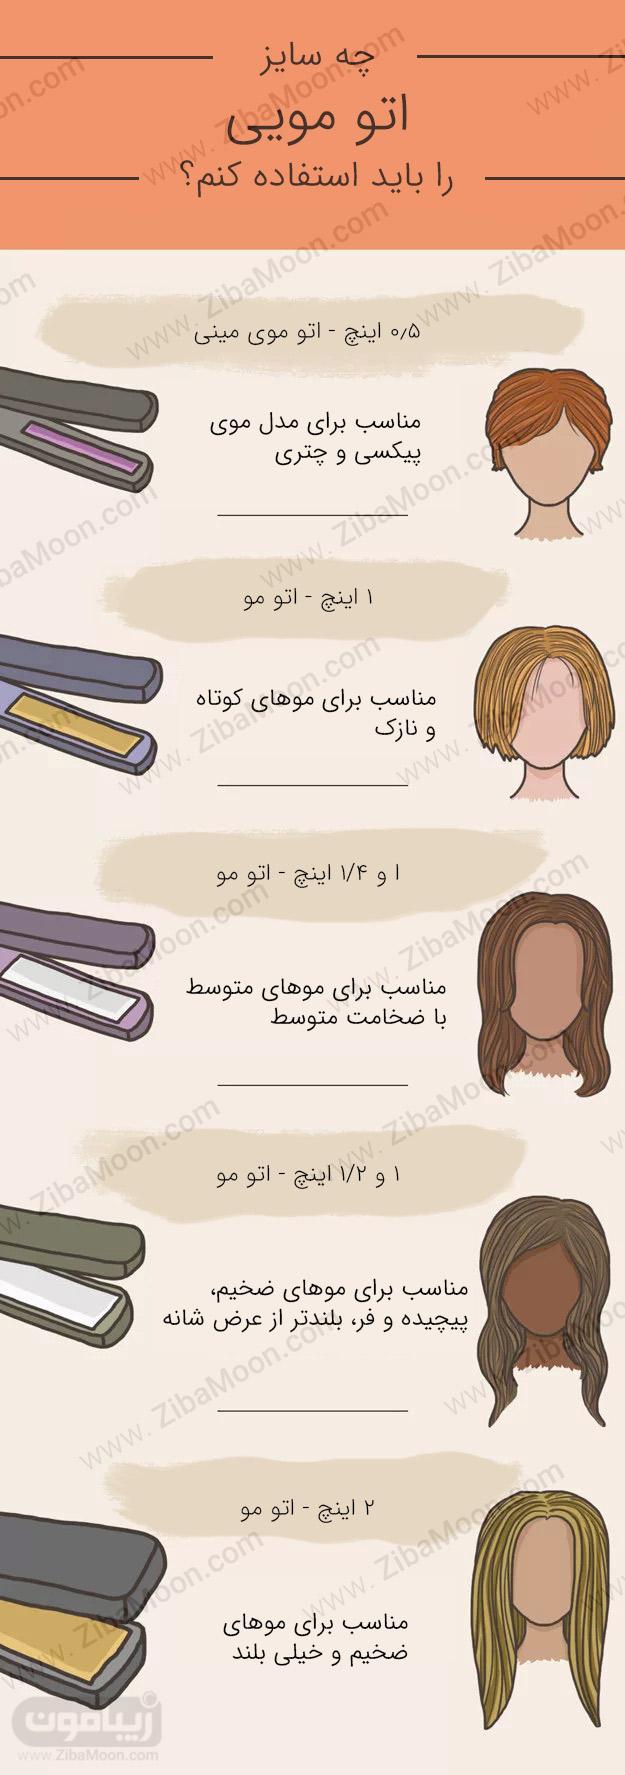 اینفوگرافی اتو موی مناسب با جنس مو